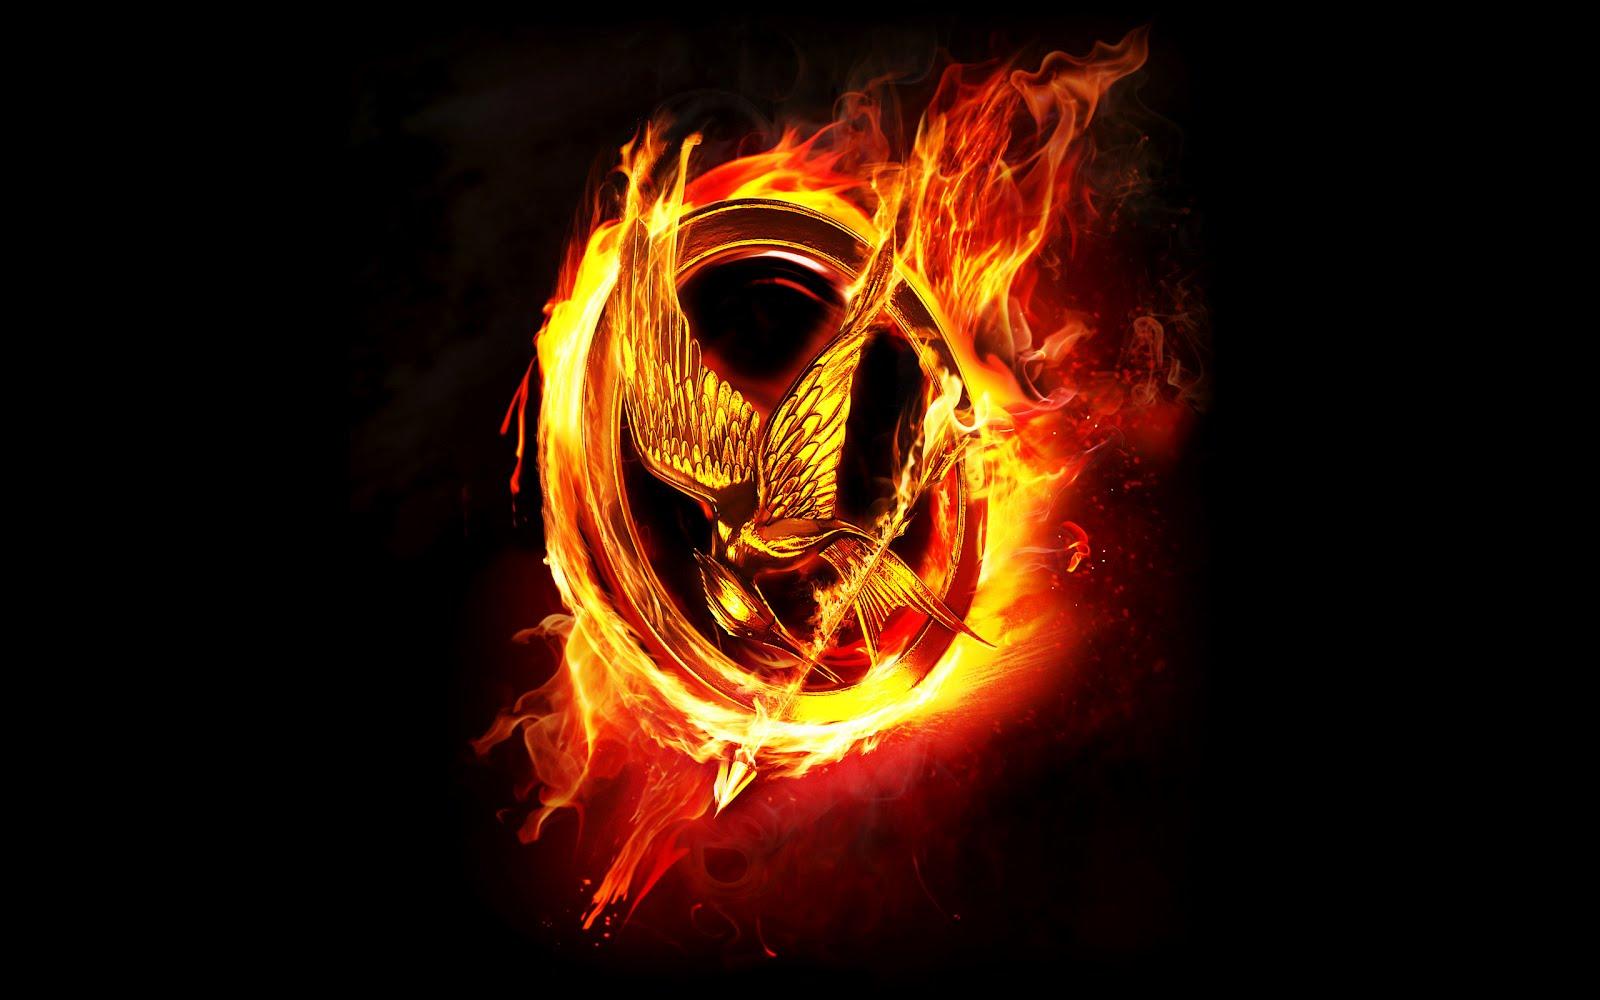 The Hunger Games 3D Desktop Wallpapers New 3D Desktop 1600x1000